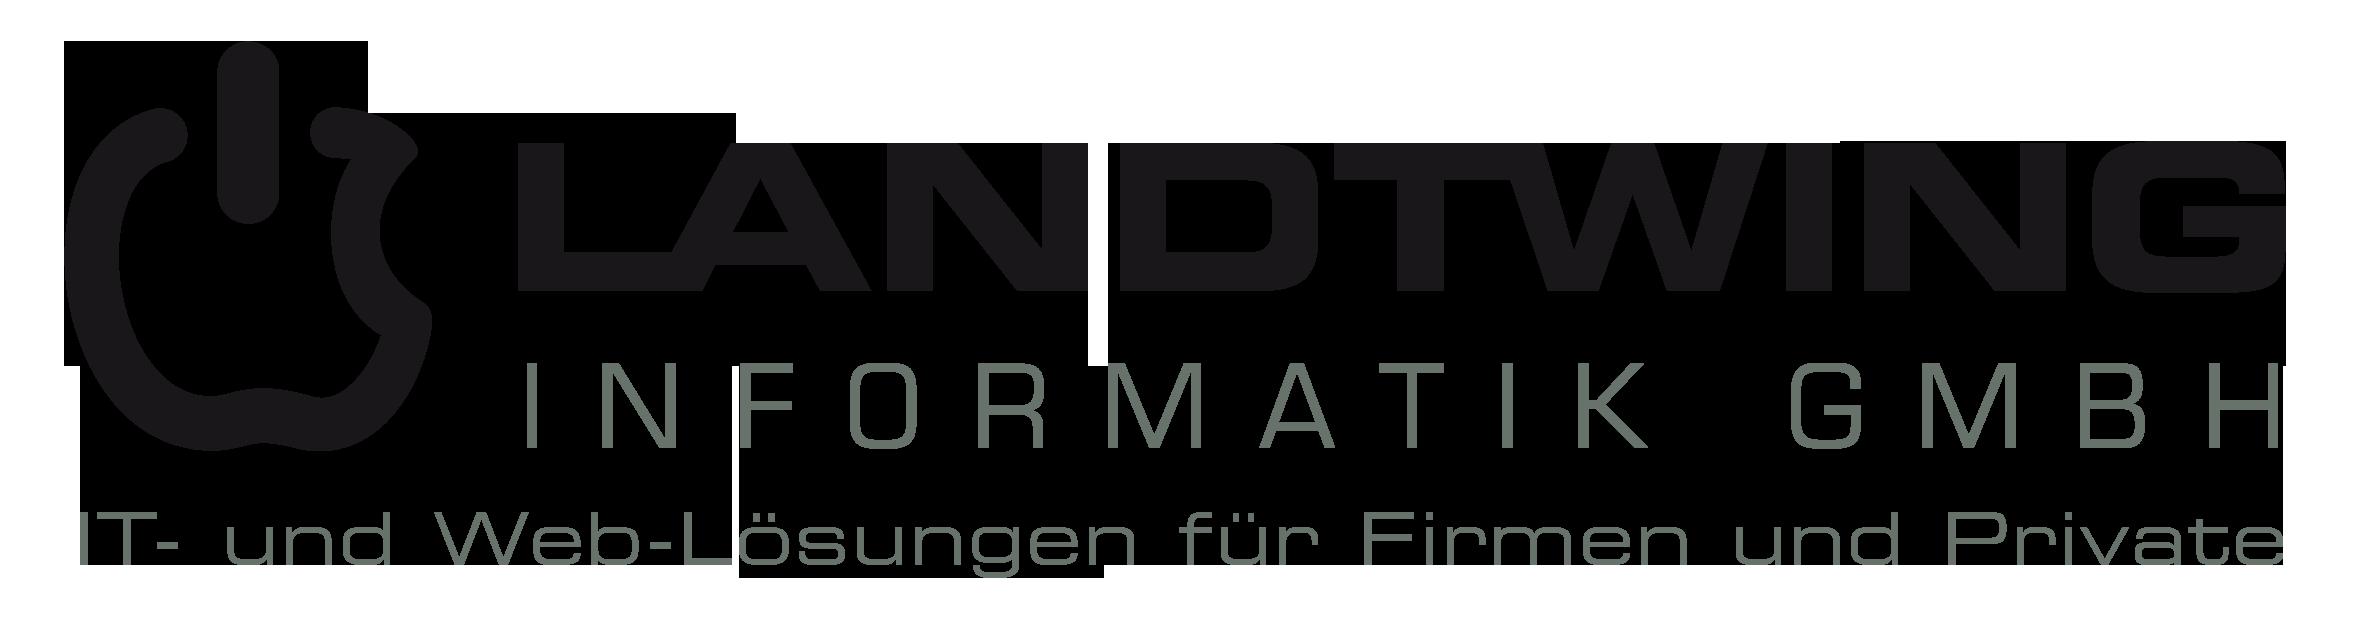 Landtwing-Informatik-Gmbh-Logo.png